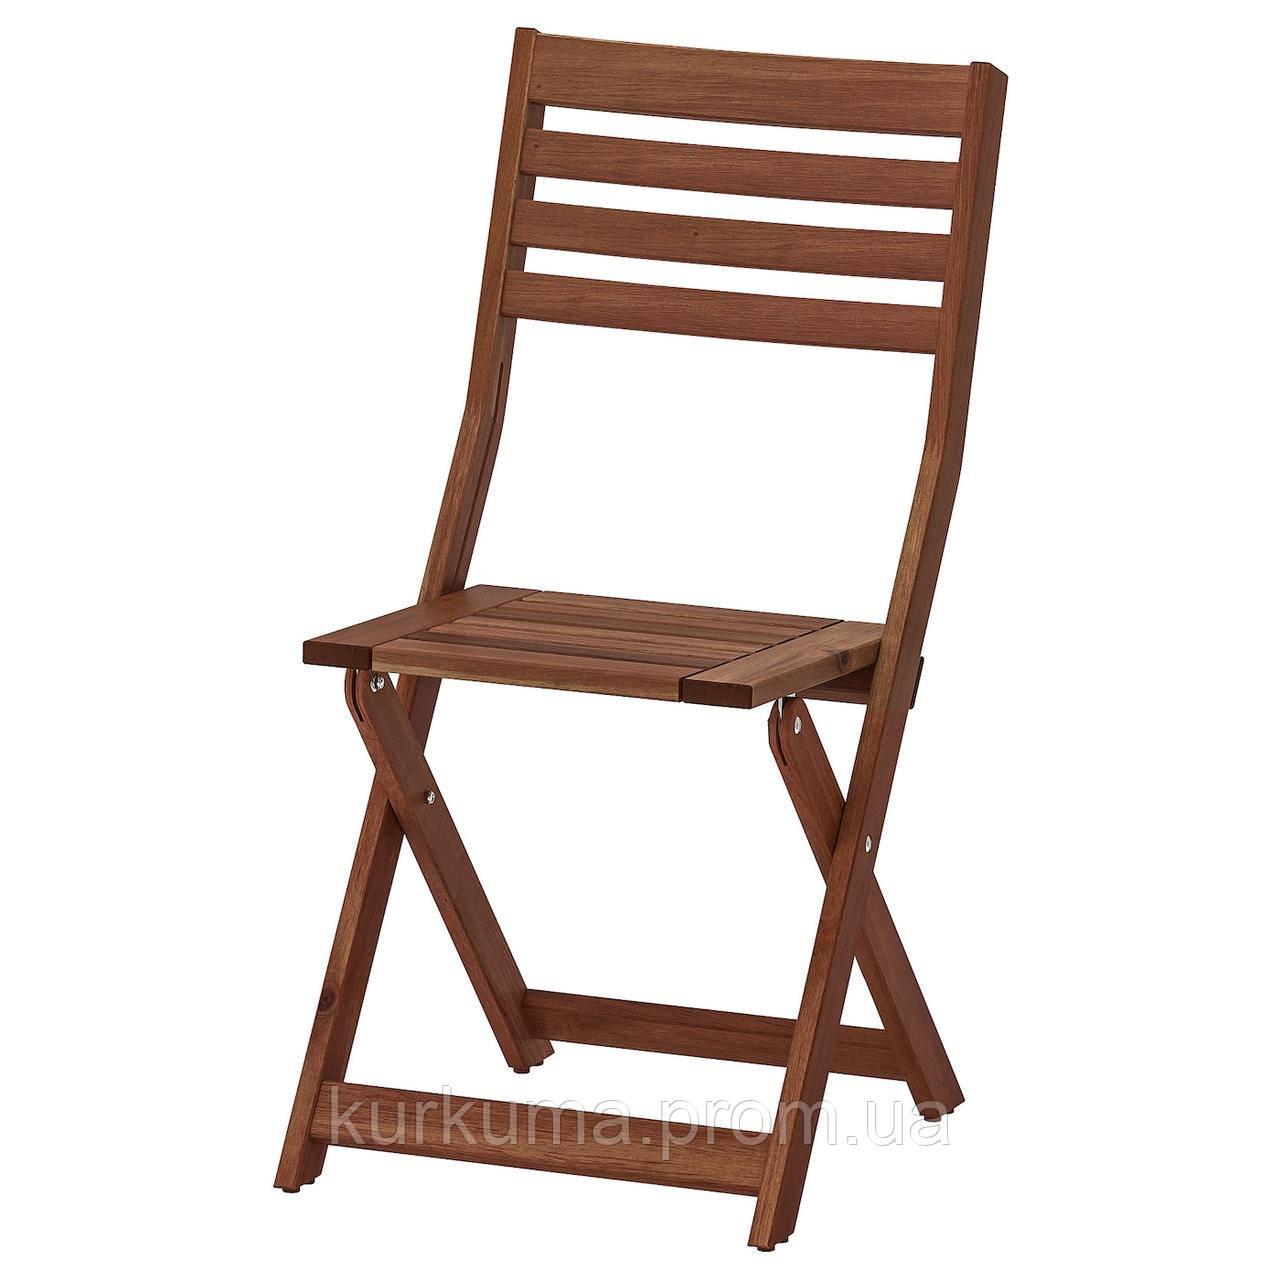 IKEA APPLARO Садовый стул, складной коричневый пятно (404.131.31)